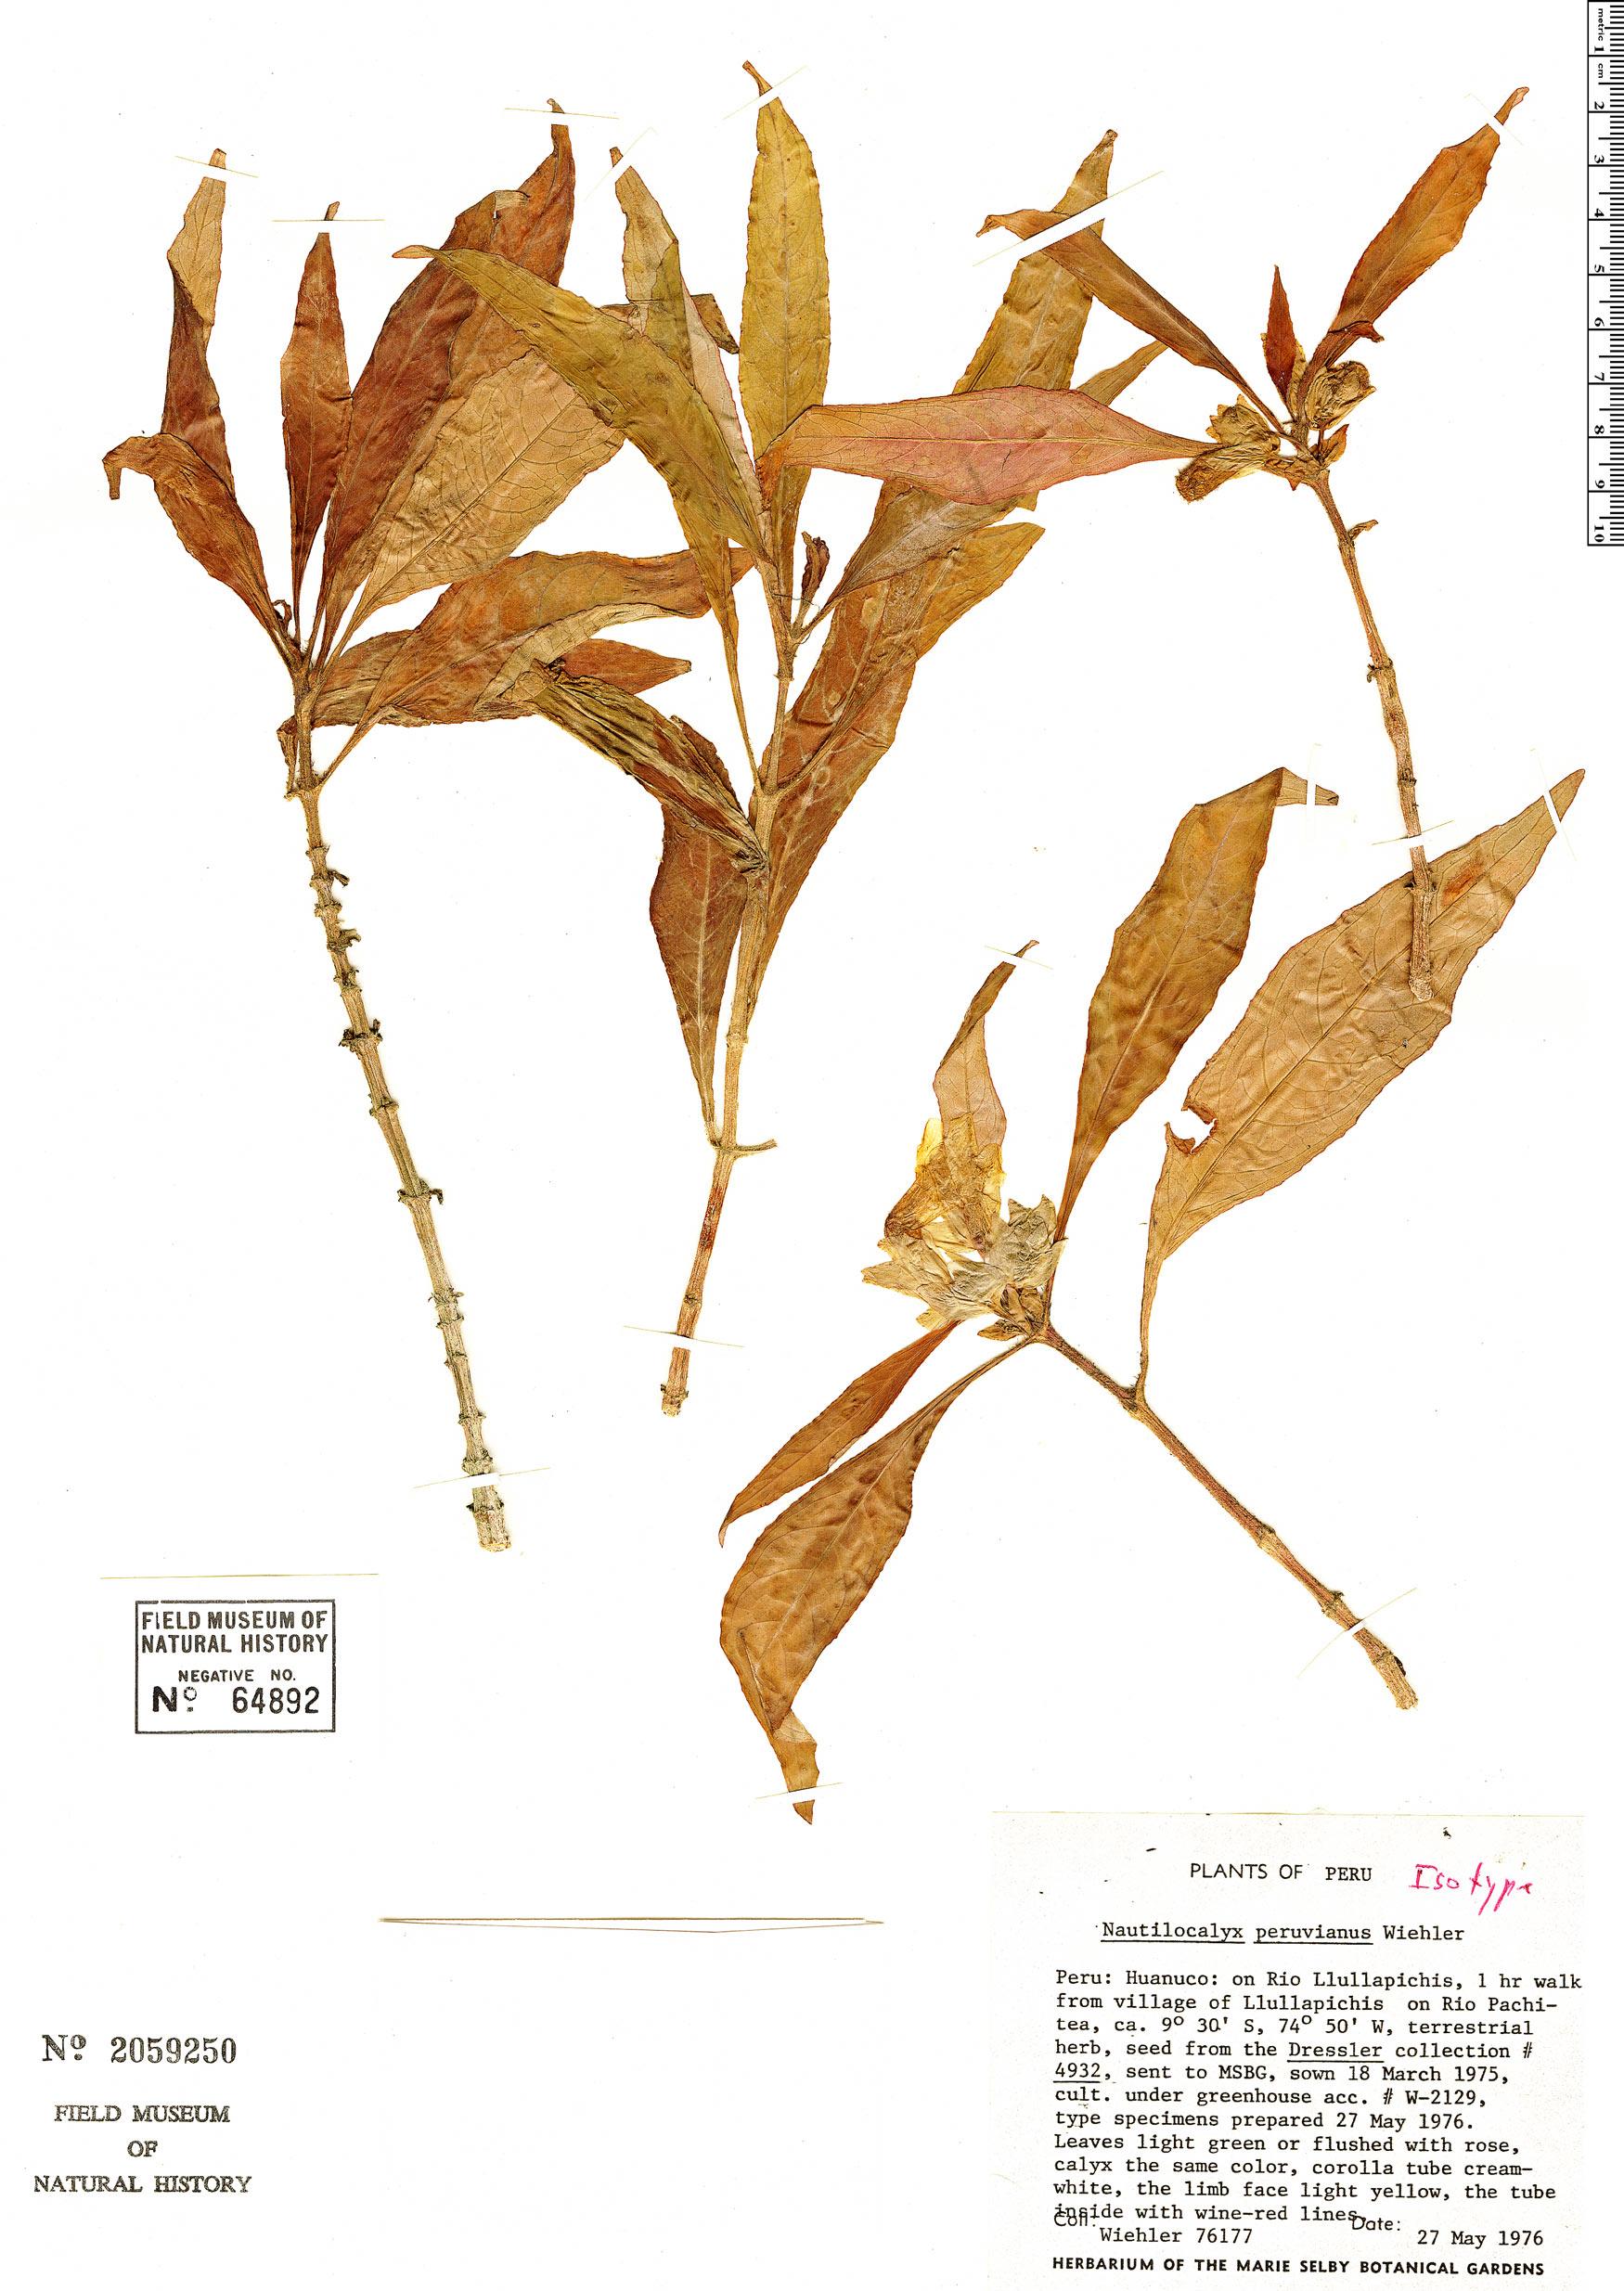 Specimen: Nautilocalyx peruvianus